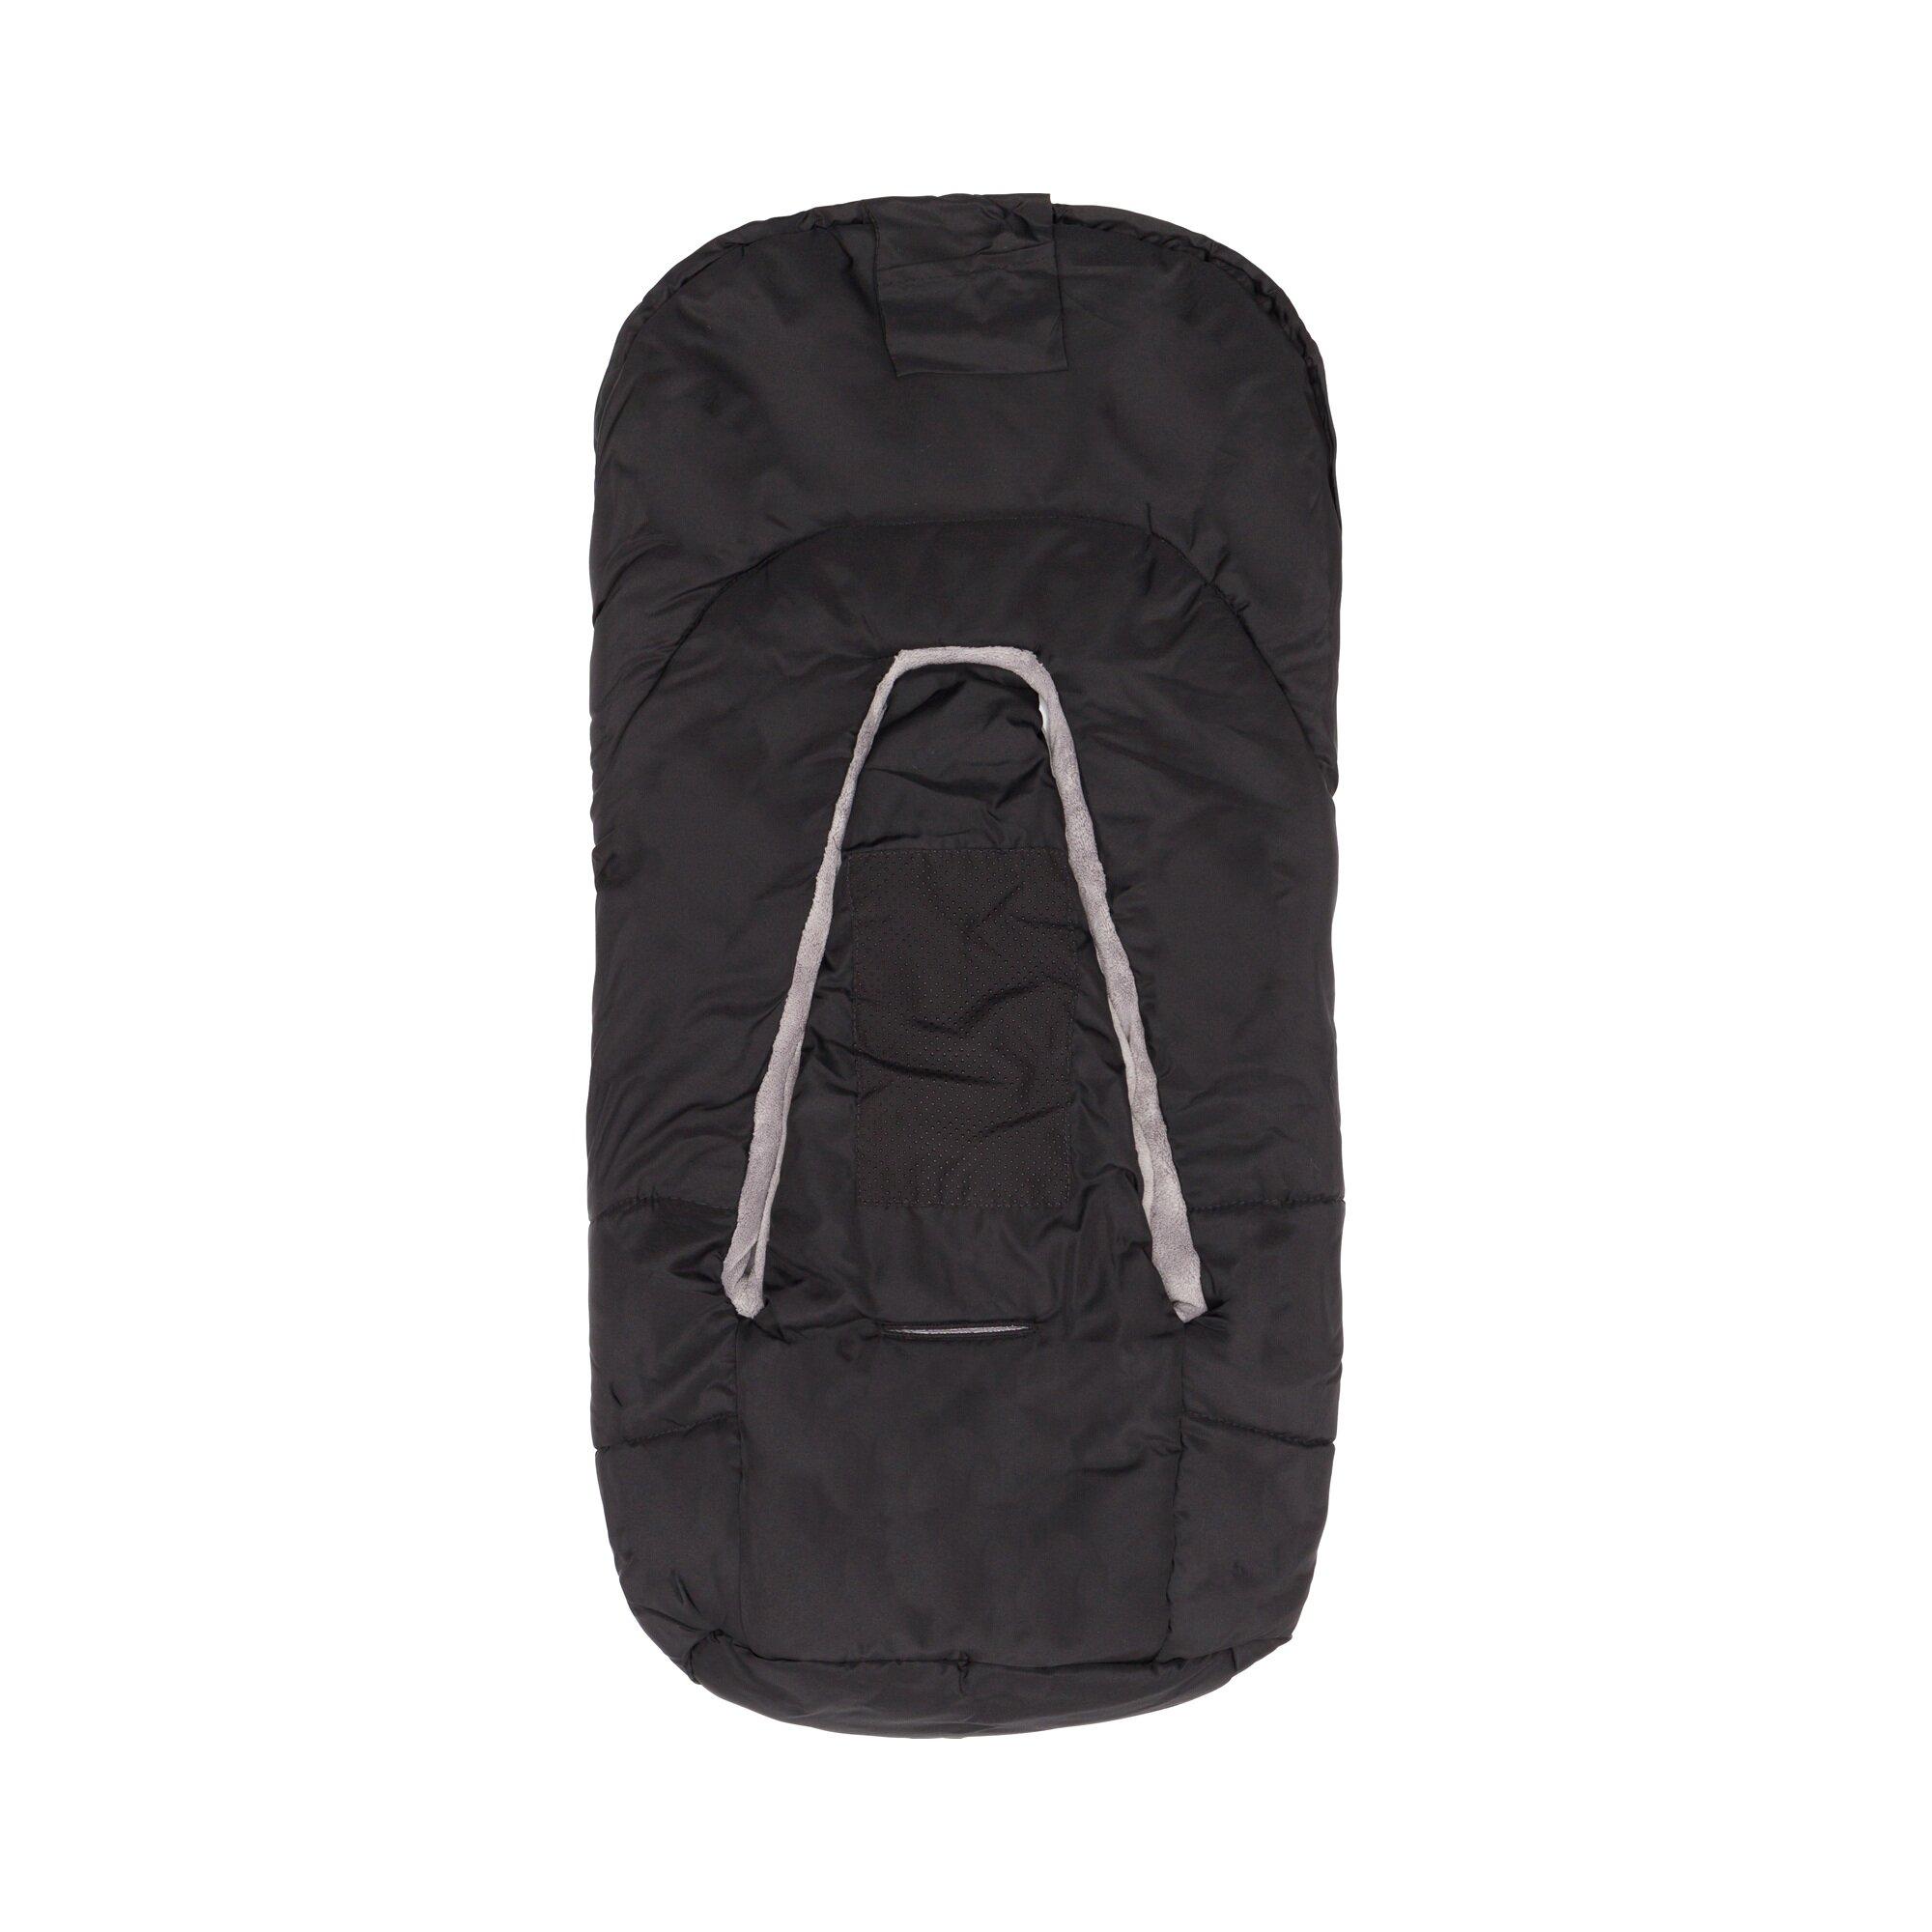 babycab-winter-fu-sack-eiger-fur-babyschale-tragewanne-schwarz, 24.99 EUR @ babywalz-de